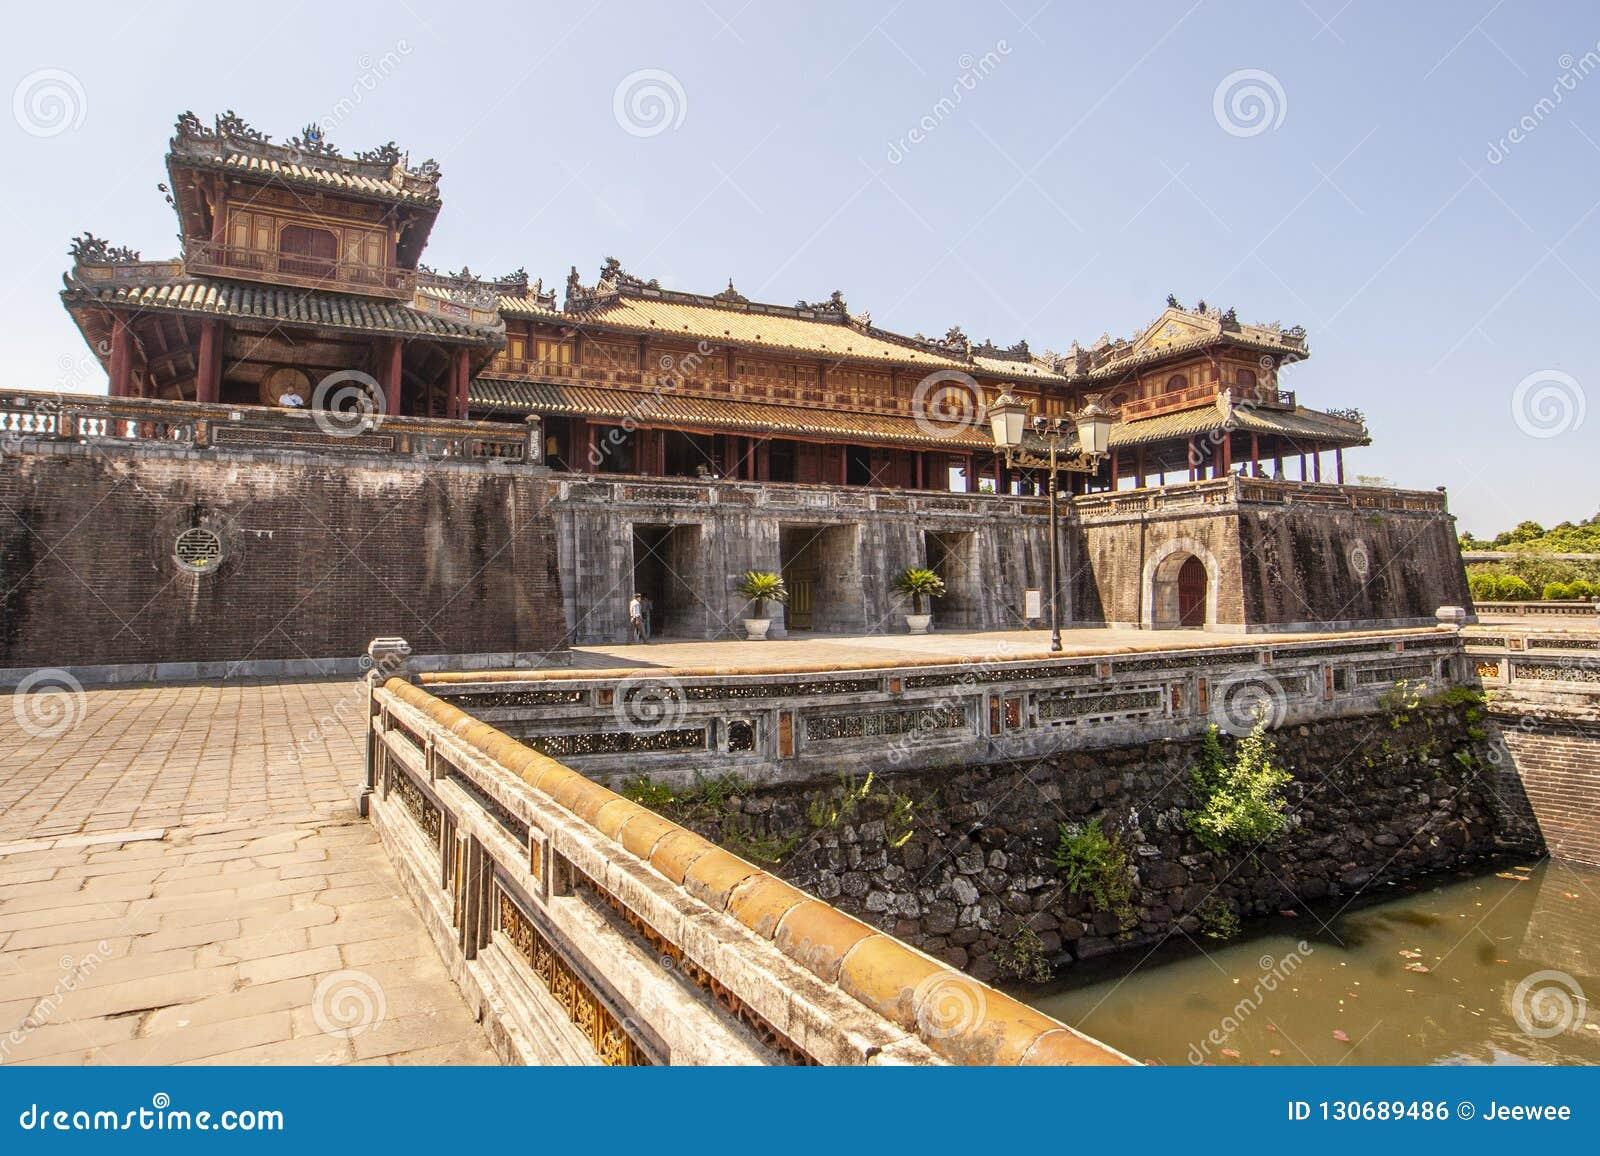 Extérieur de Ngo Mon Gate, une partie de la citadelle en ancienne capitale vietnamienne Hué, Vietnam central, Vietnam